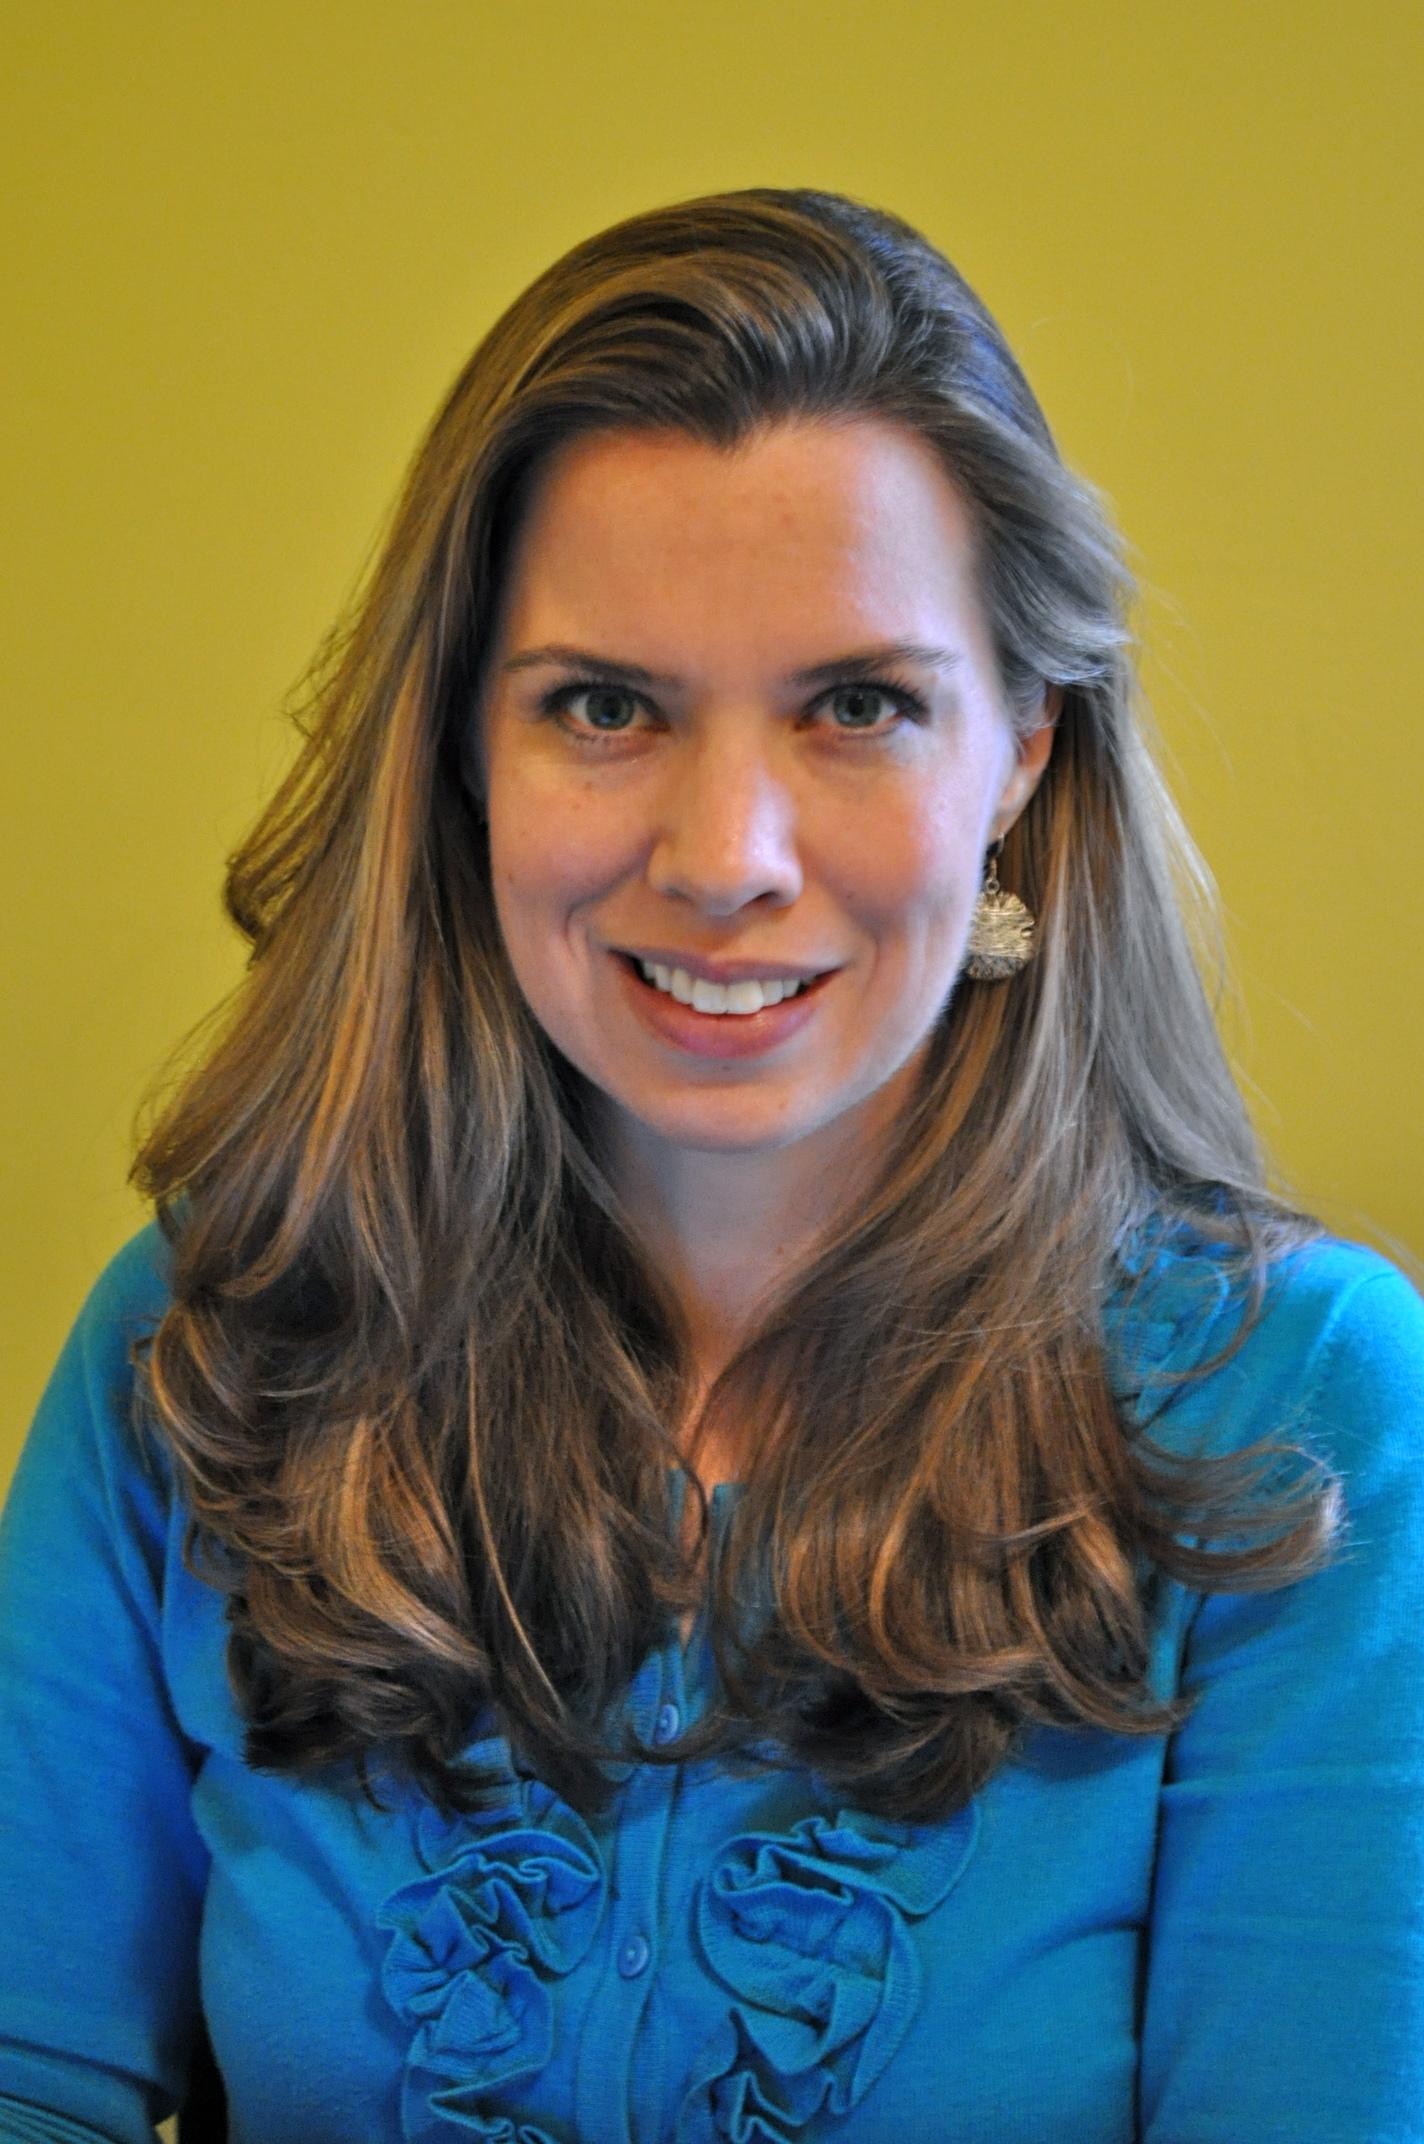 Dr. Karina Jarvela, ND